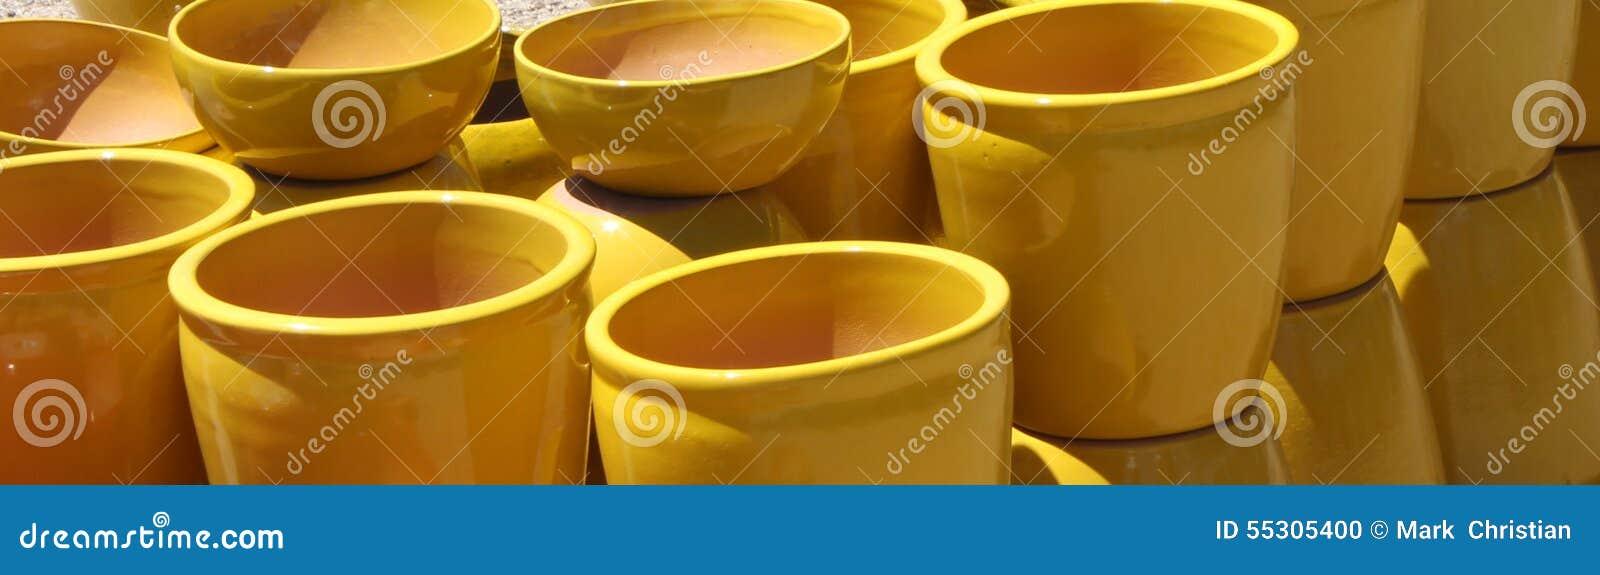 Macetas de cer mica amarillas foto de archivo imagen Macetas ceramica online